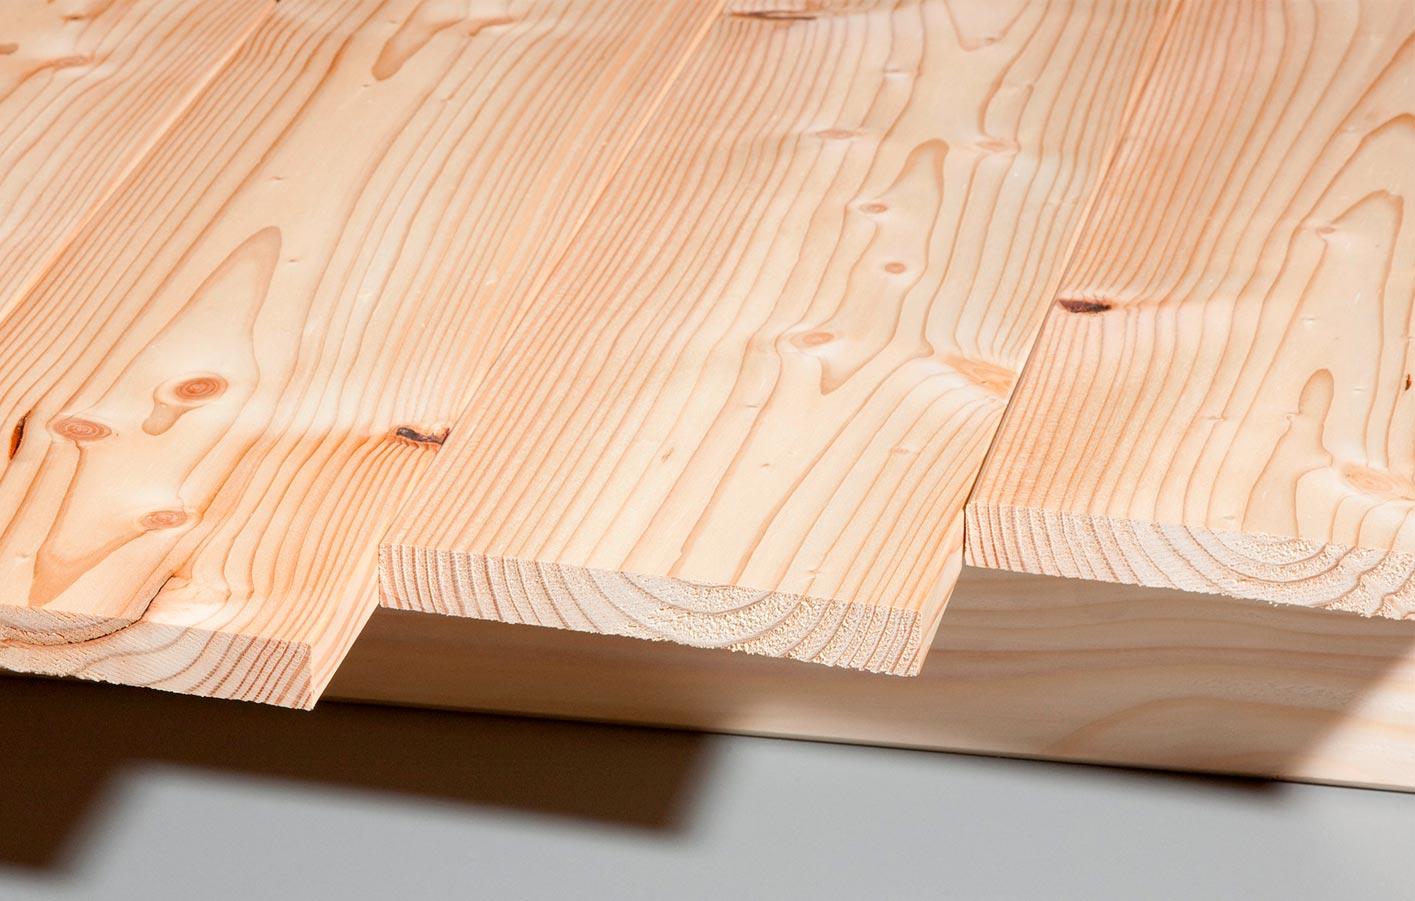 hobelware schnittholz profilholz hobelwerk sägewerk oranienburg